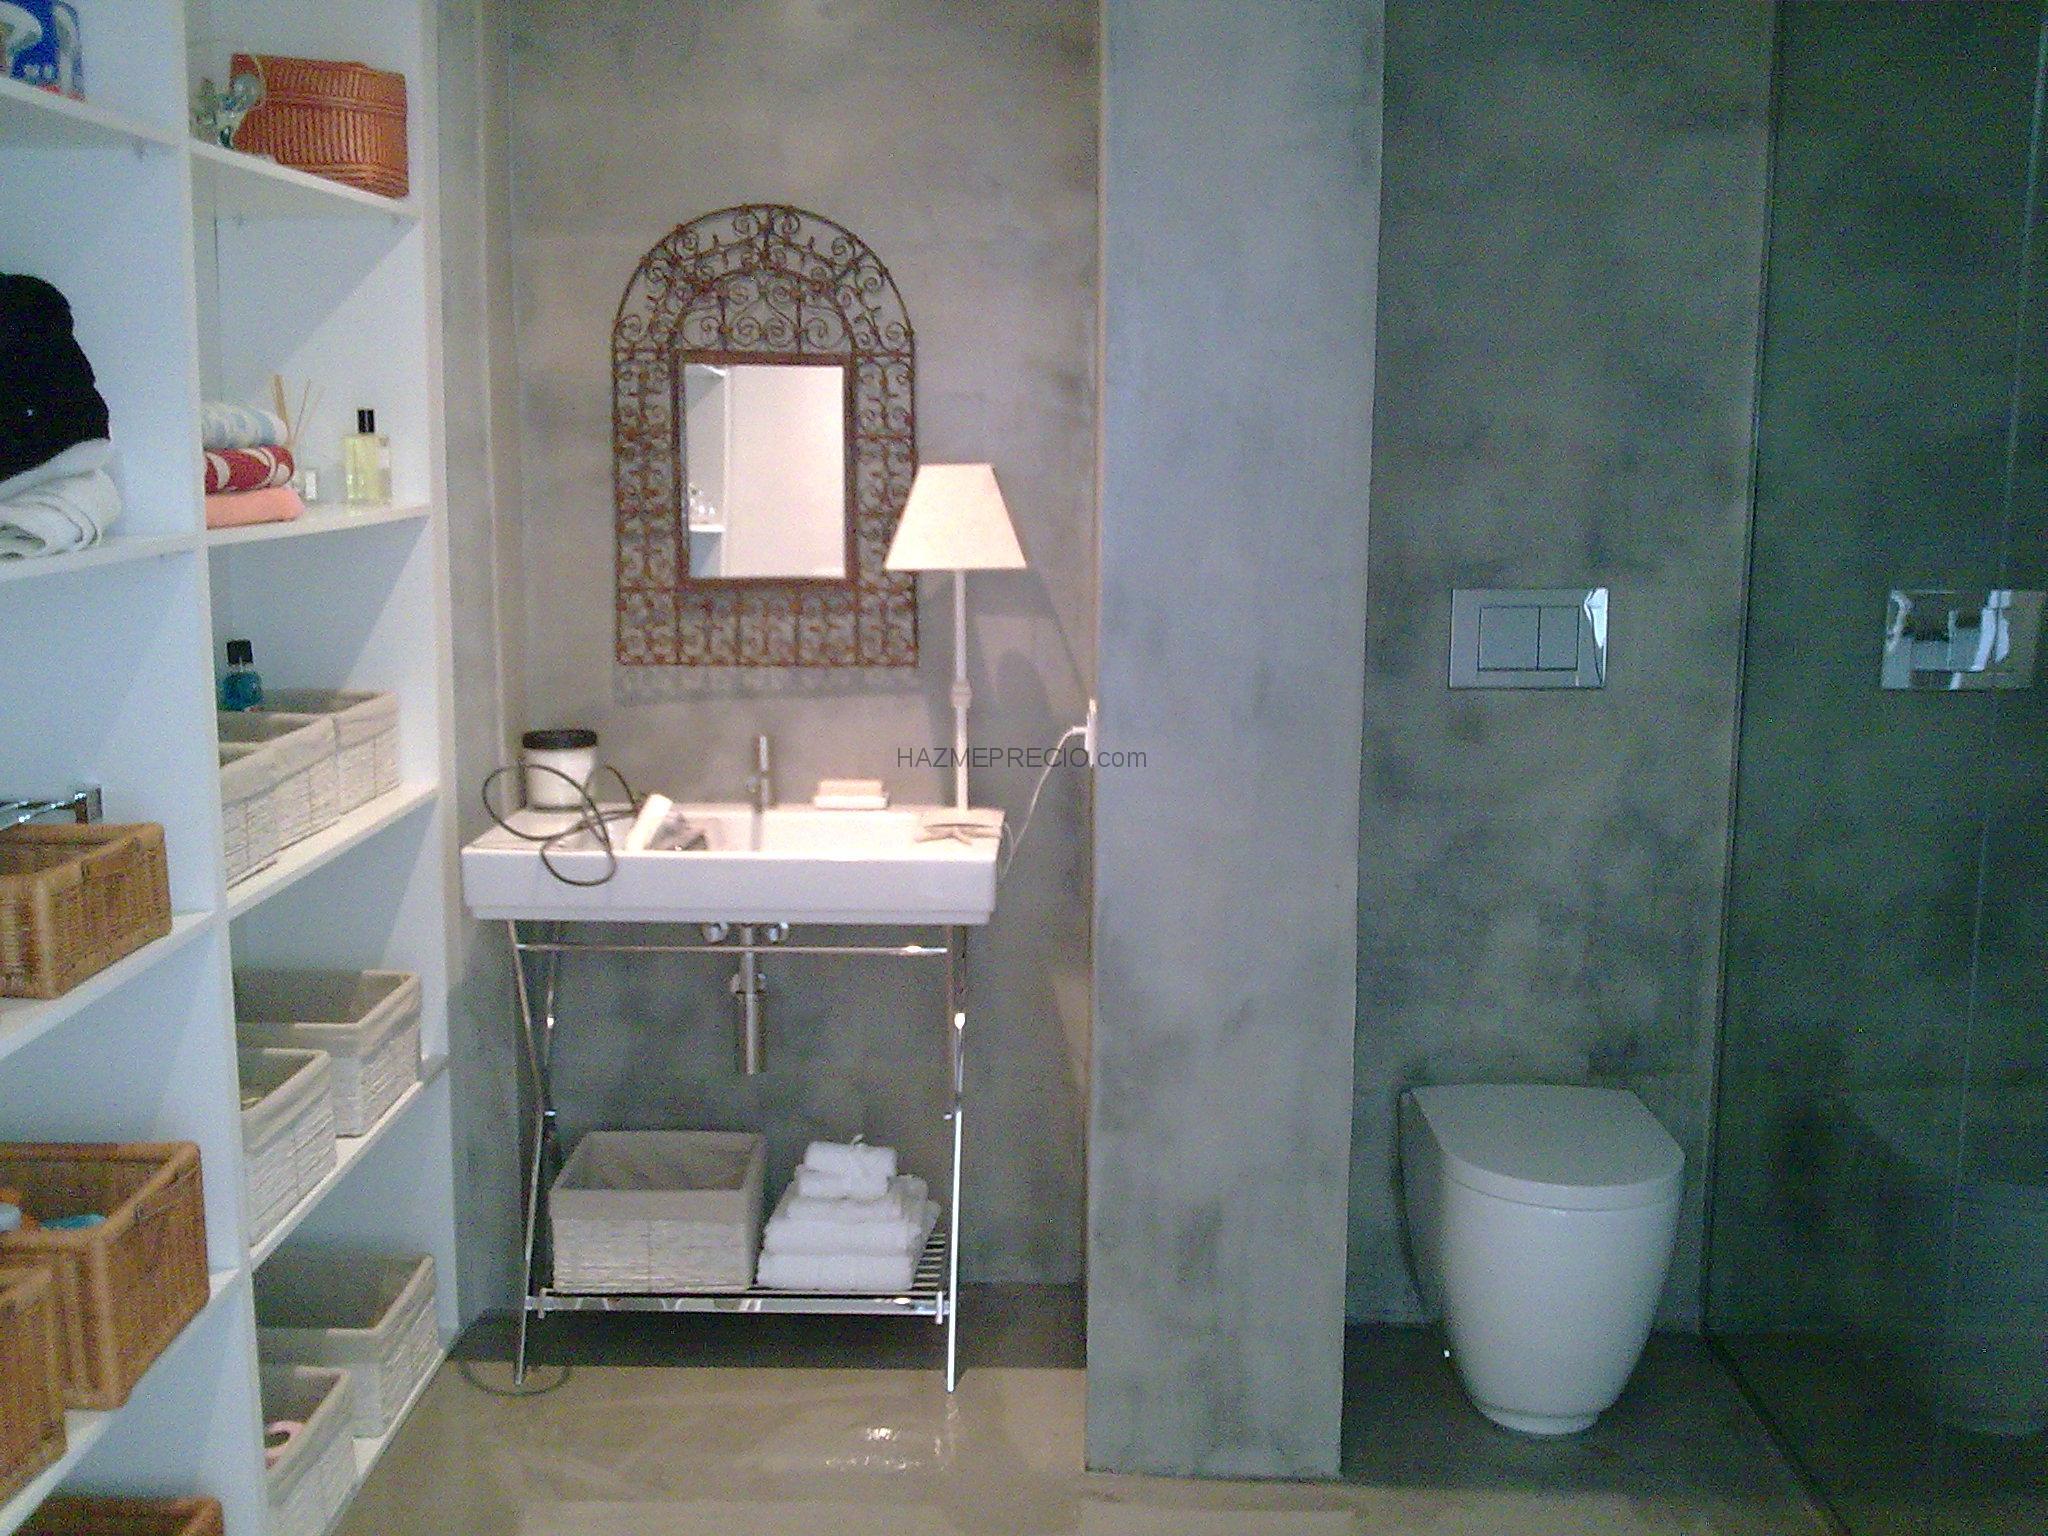 Cuartos De Baño En Microcemento:Microcemento en baños en Catarroja:microcemento en color gris cemento